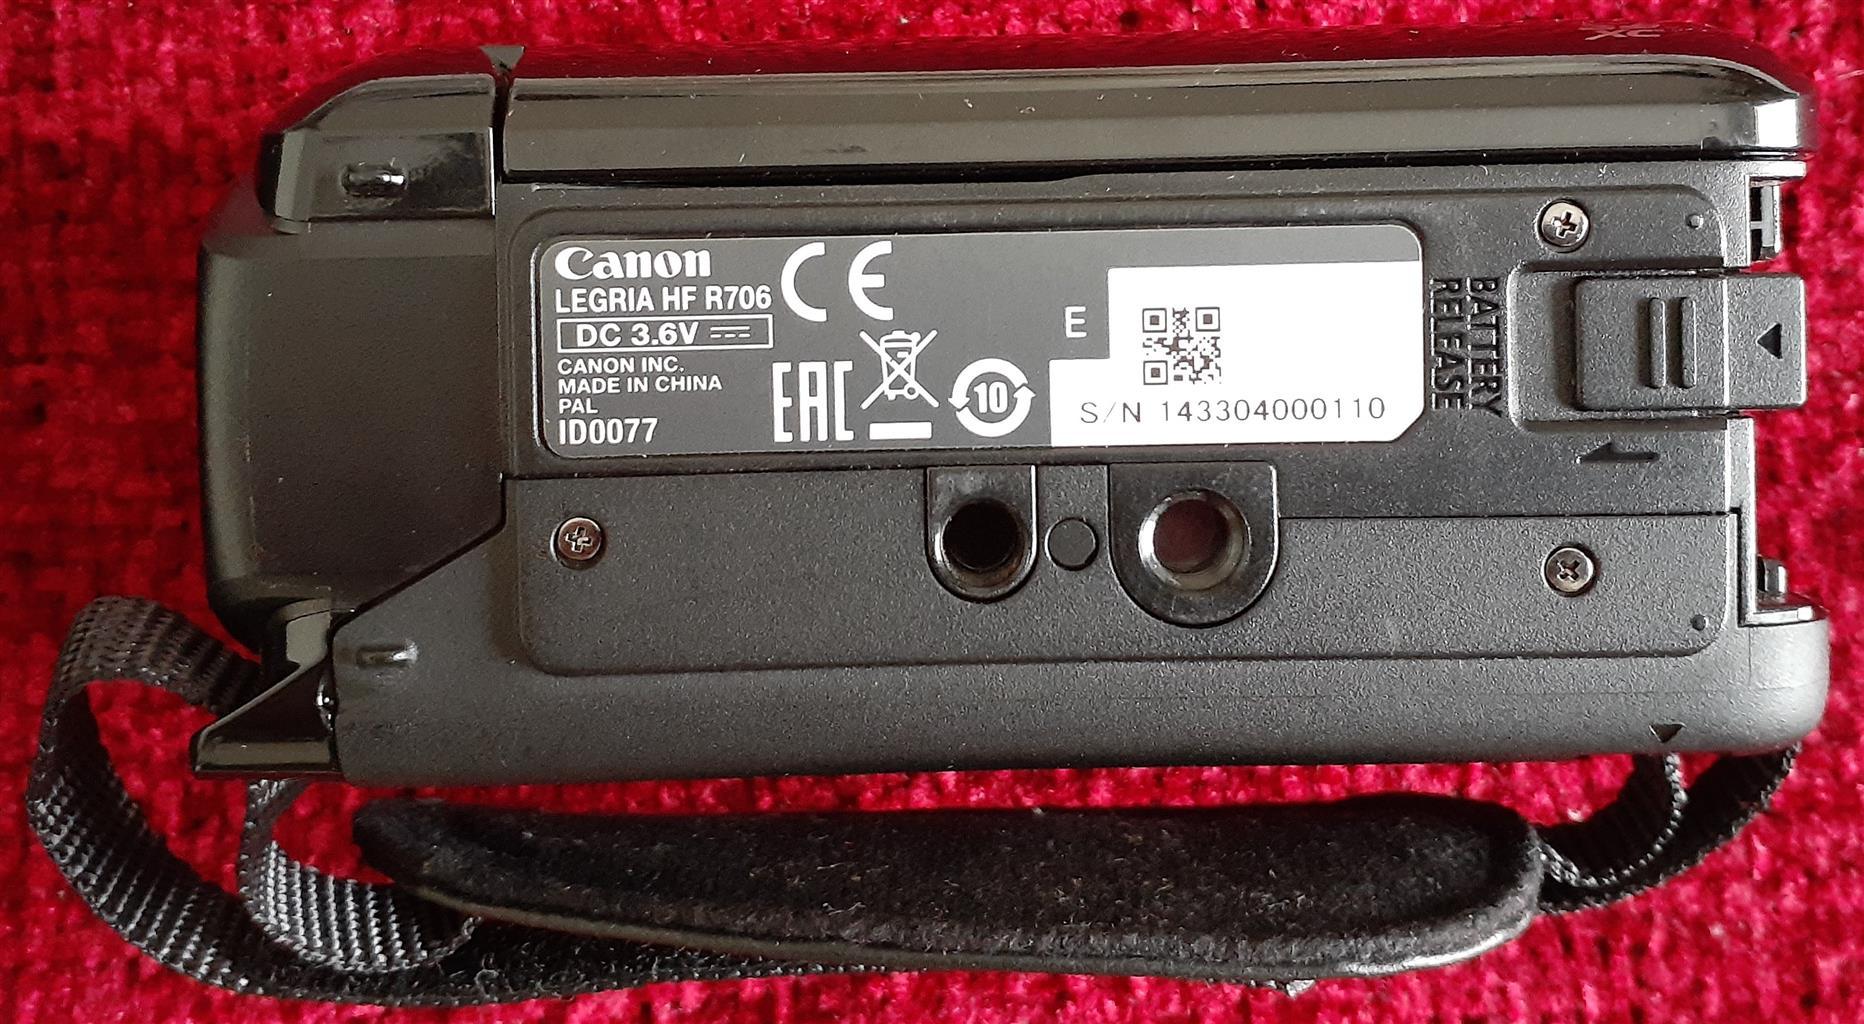 CANON LEGRIA HF R706 VIDEO CAMERA